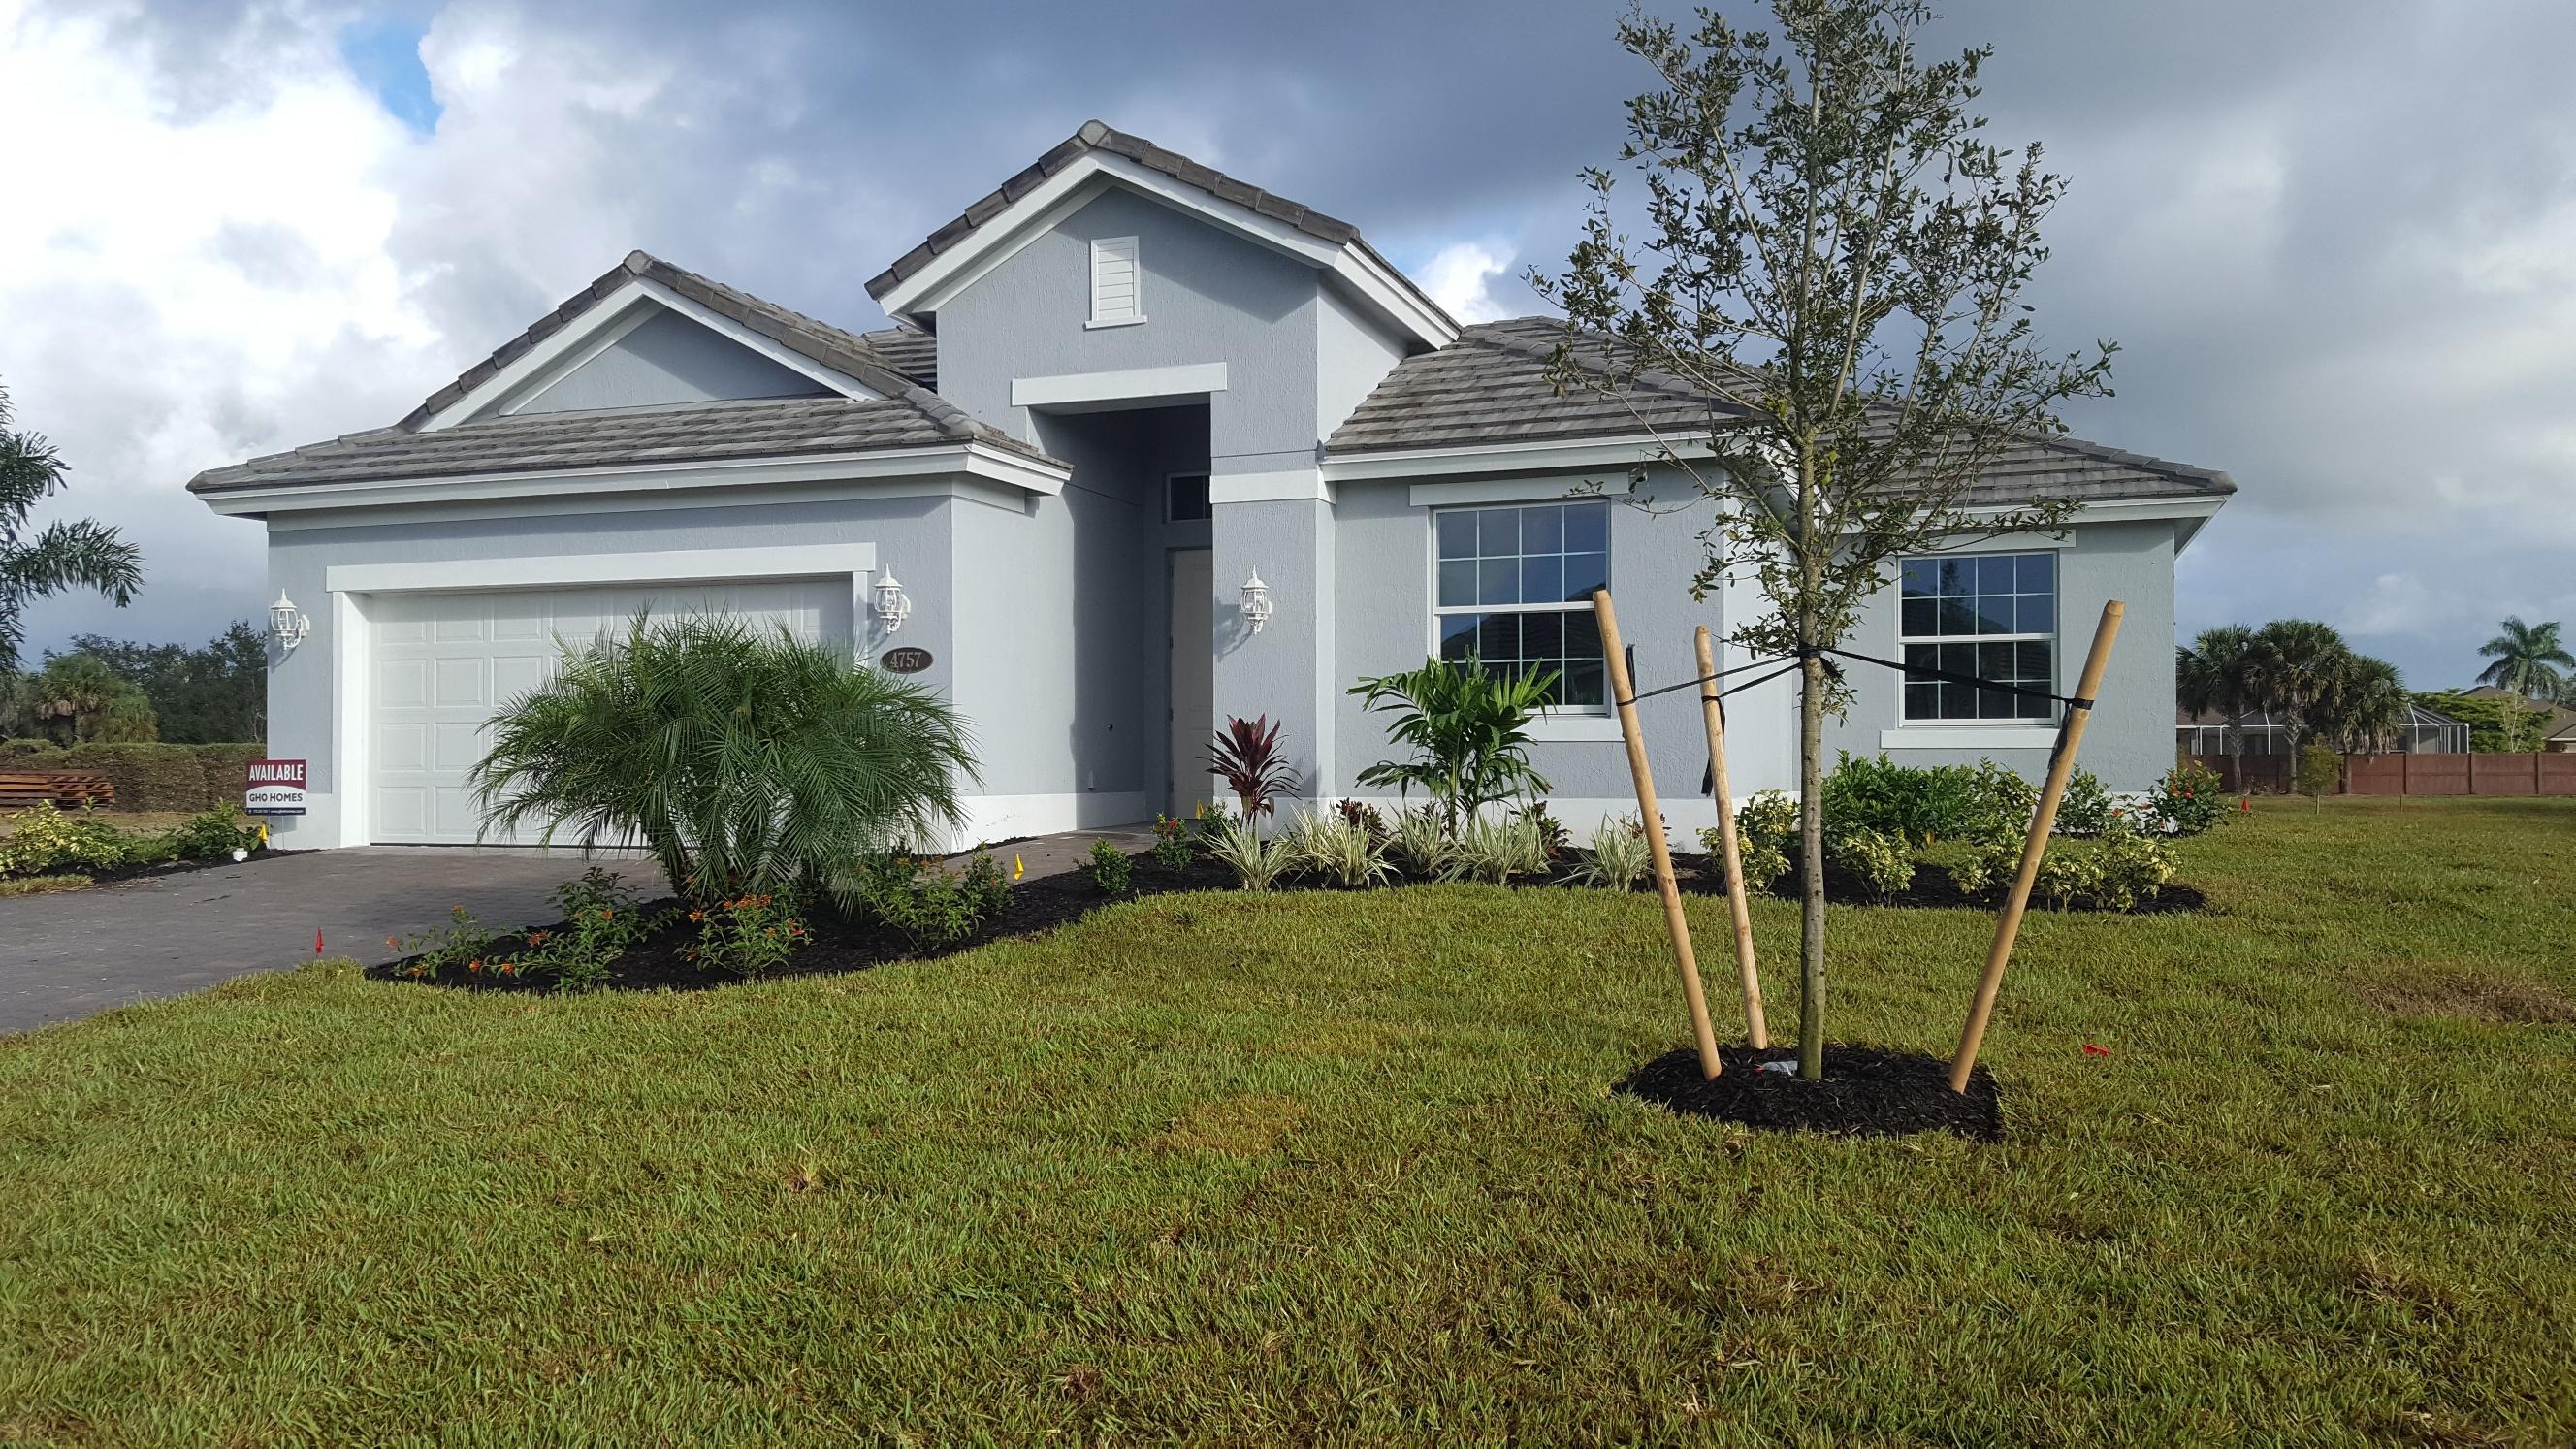 Photo of 4832 Four Lakes Circle SW, Vero Beach, FL 32968